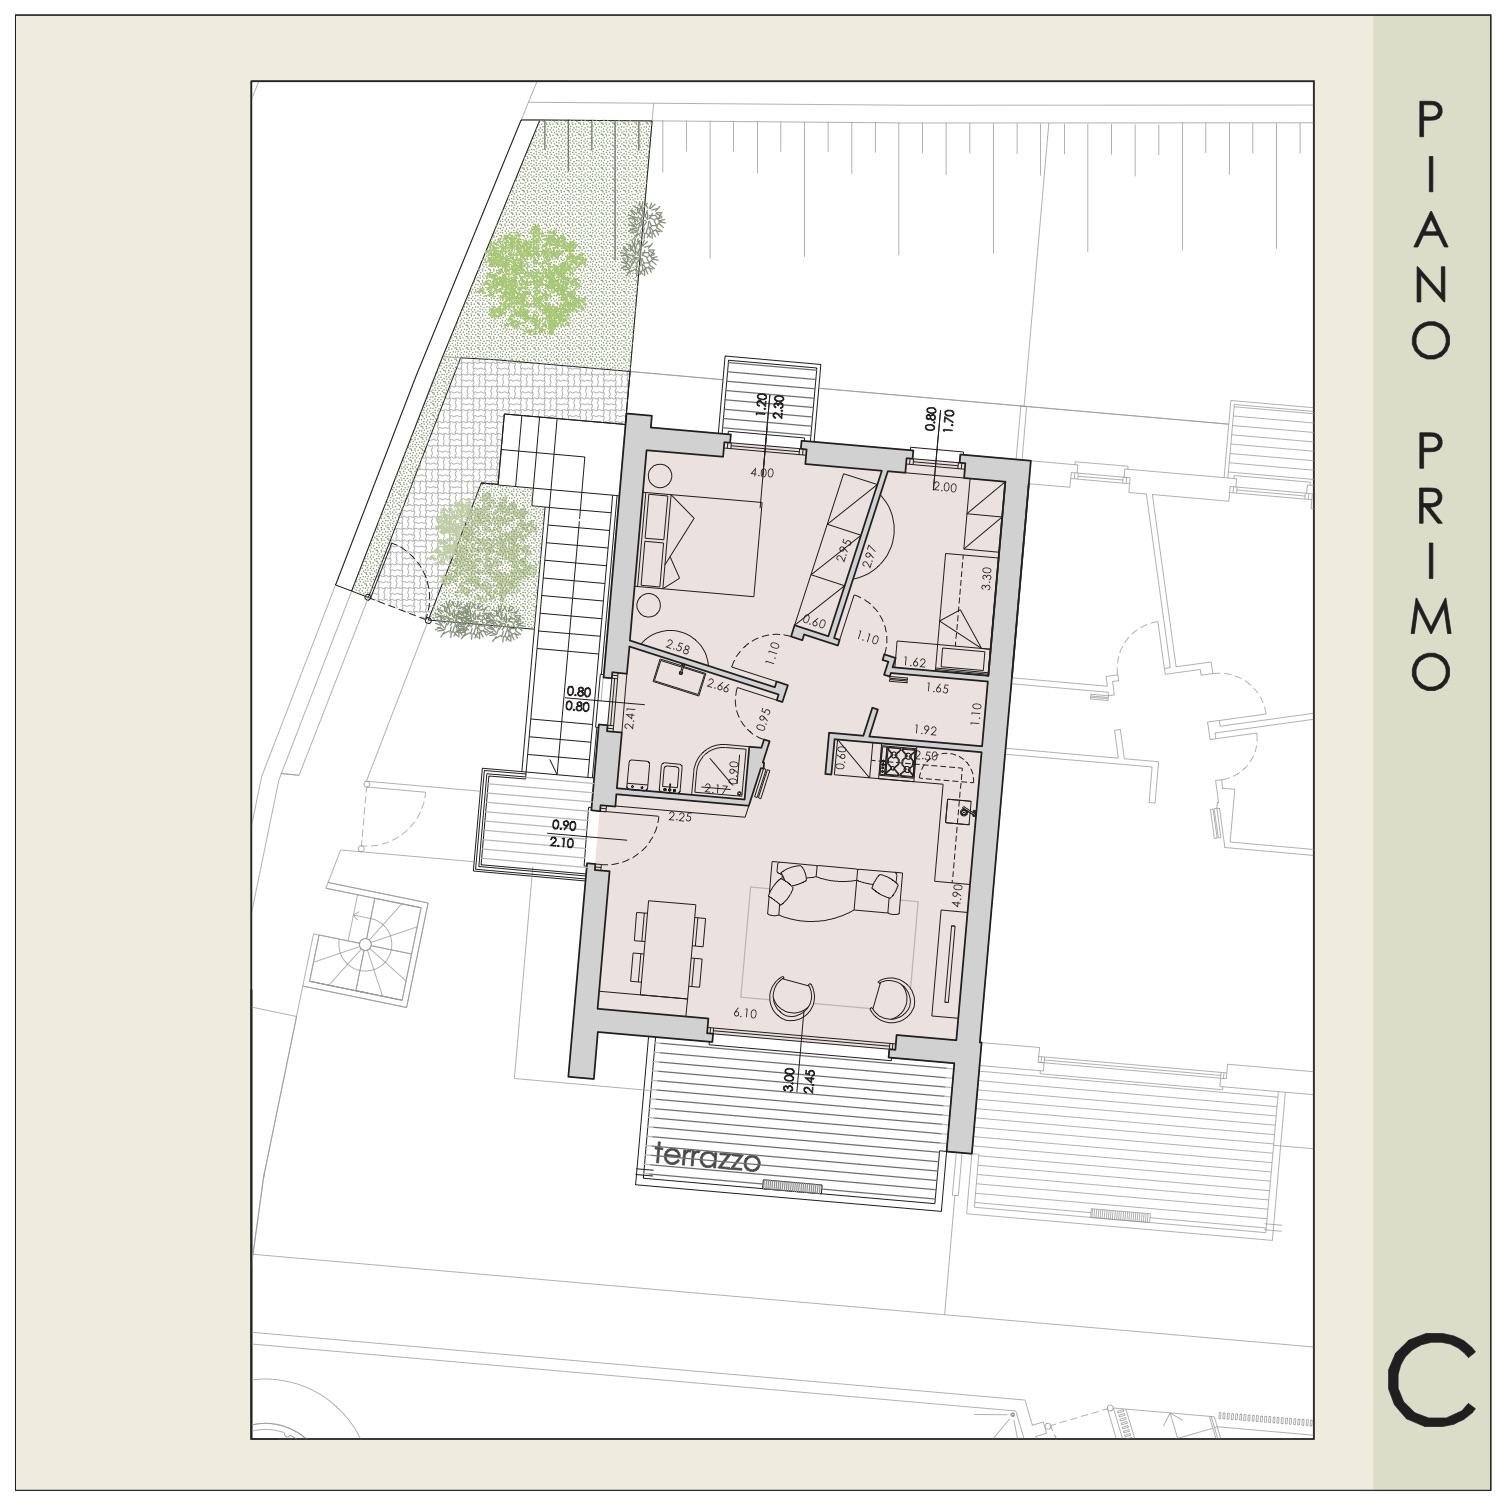 Casa 80 Mq Pianta appartamenti in moderno residence con piscina gera lario